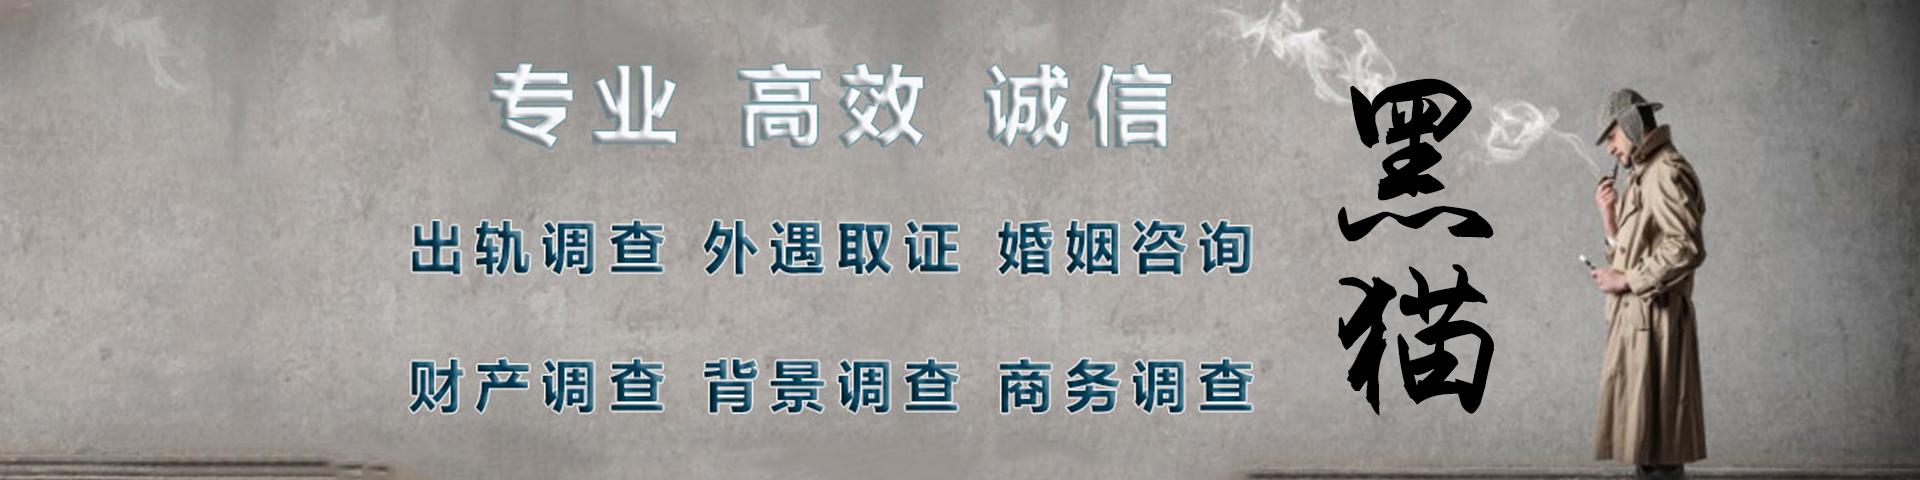 南昌侦探|婚外情|出轨|外遇|婚姻调查取证公司